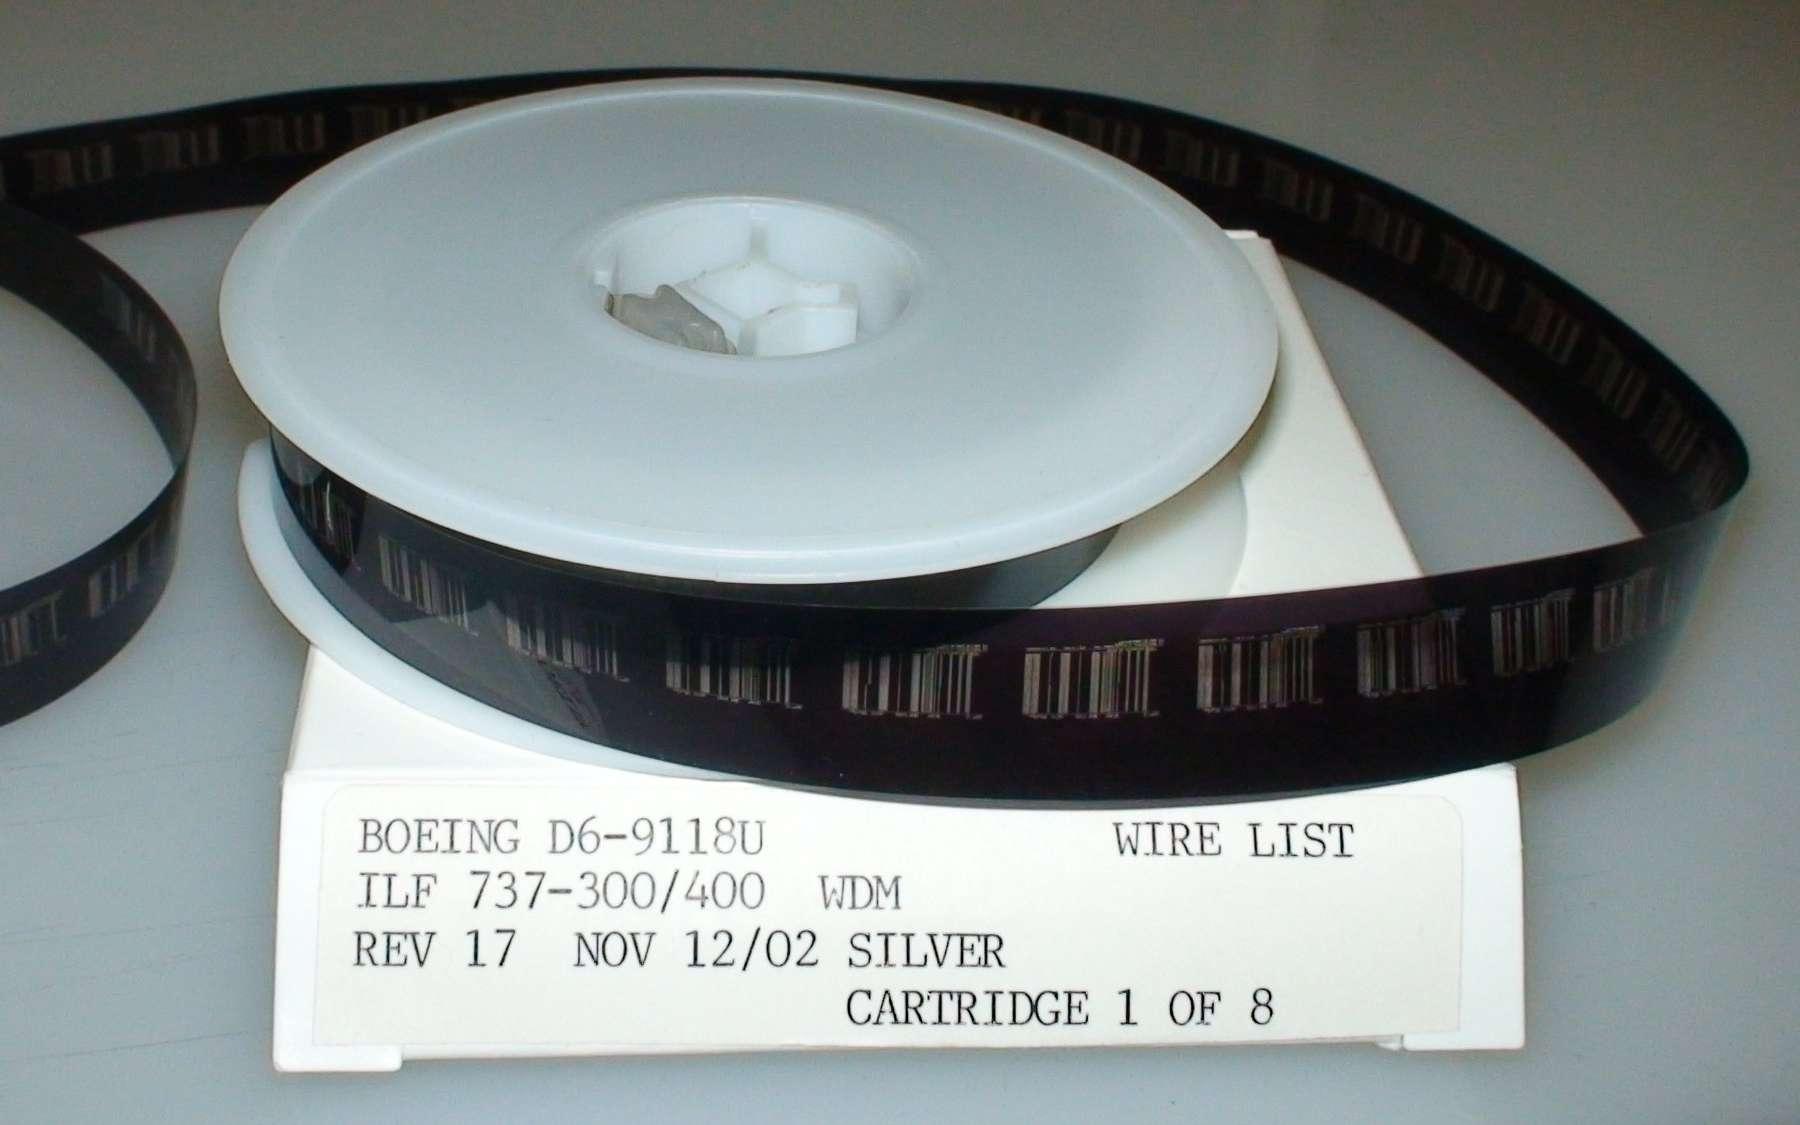 René Dagron, photographe et inventeur français, est le premier à breveter le procédé de microfilm, le 21 juin 1859, qui enregistre des données analogiques puis numériques. © Ianaré Sévi, CC BY-SA 2.5, Wikimedia Commons